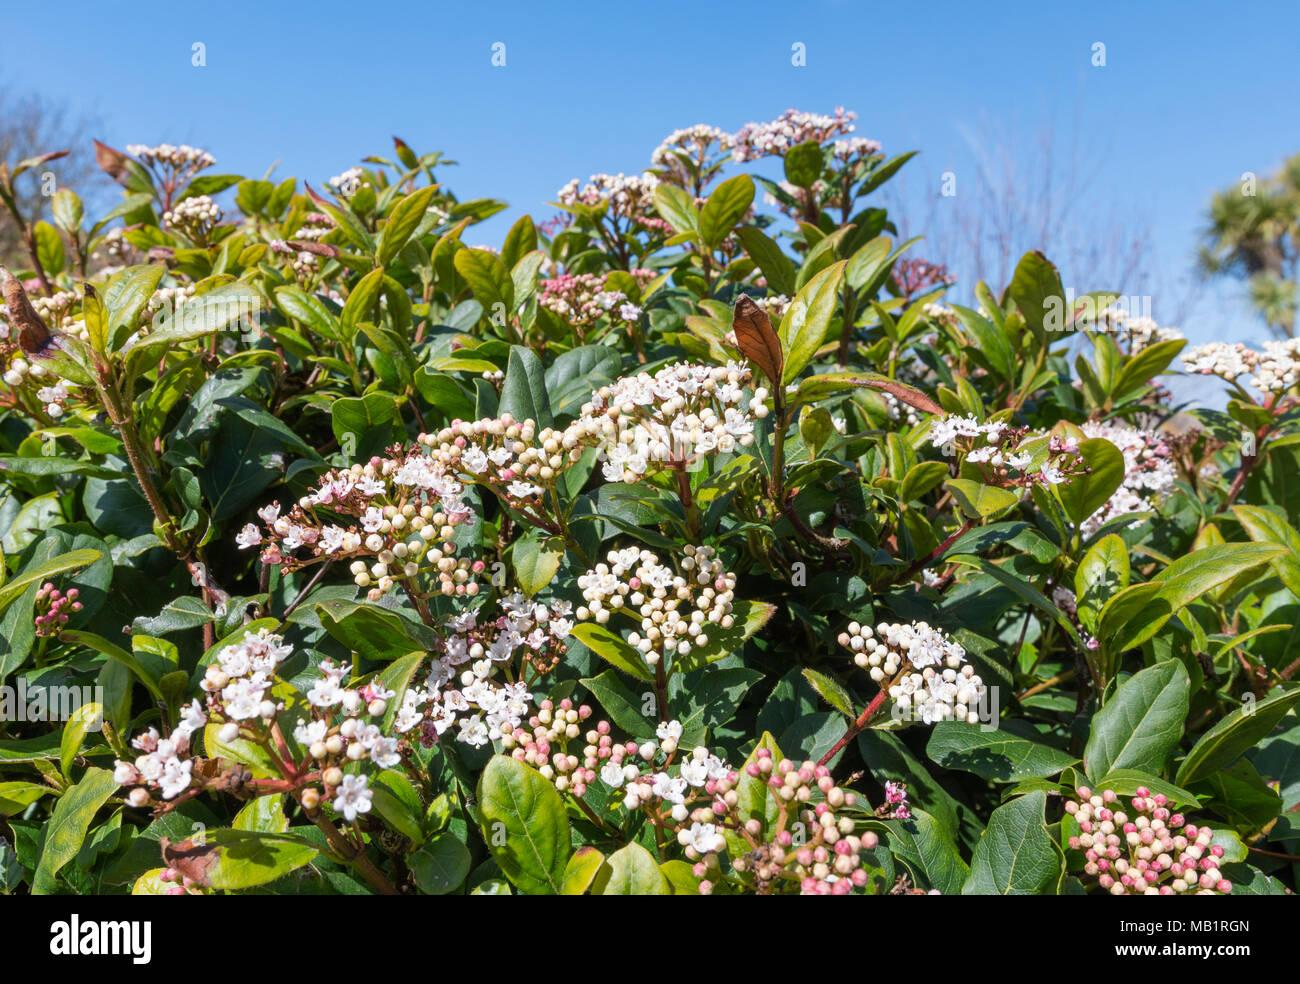 Viburnum tinus bush (Laurustinus viburnum, Laurestine) starting to flower in early Spring in West Sussex, England, UK. - Stock Image